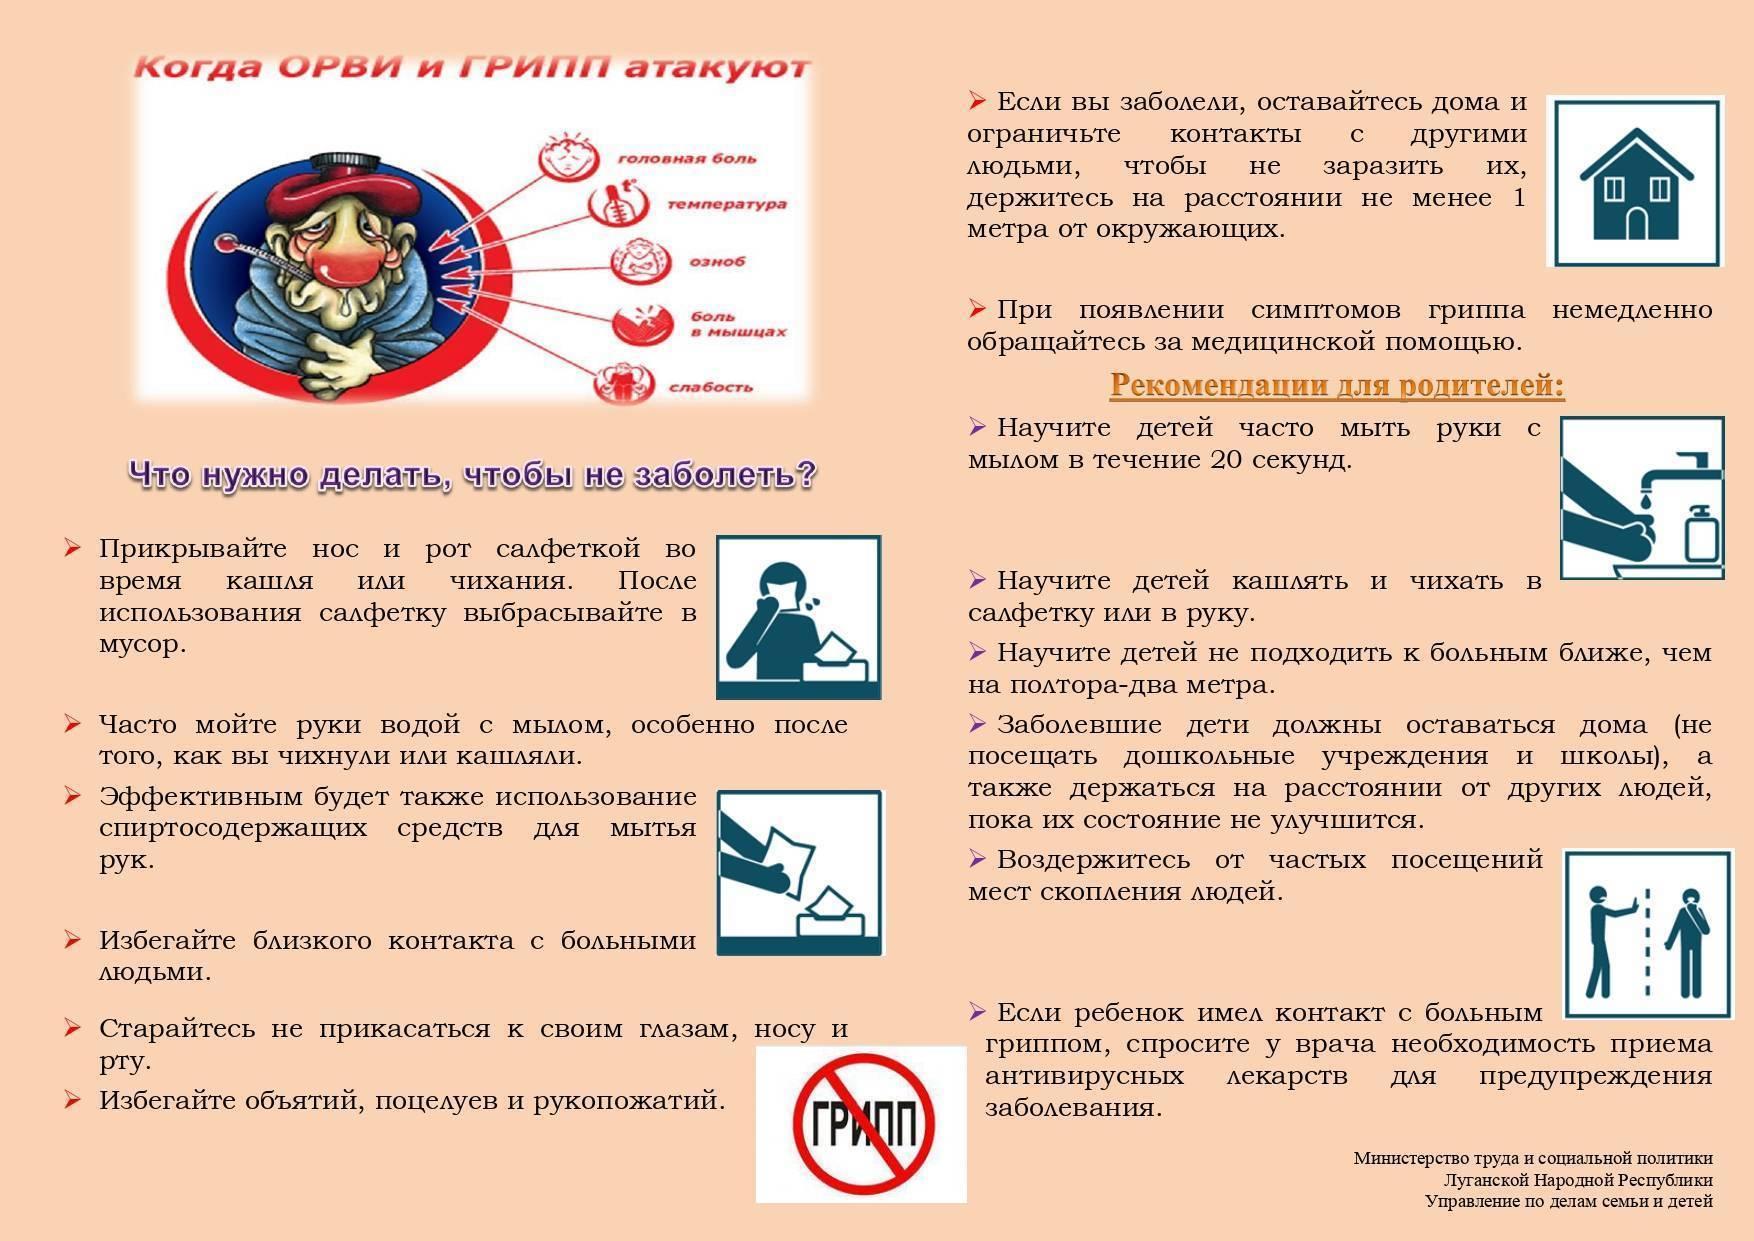 Ожог у ребенка!!! - ожог пузырь что делать лопнул - запись пользователя яна (id2084777) в сообществе детские болезни от года до трех в категории все об ожогах... - babyblog.ru